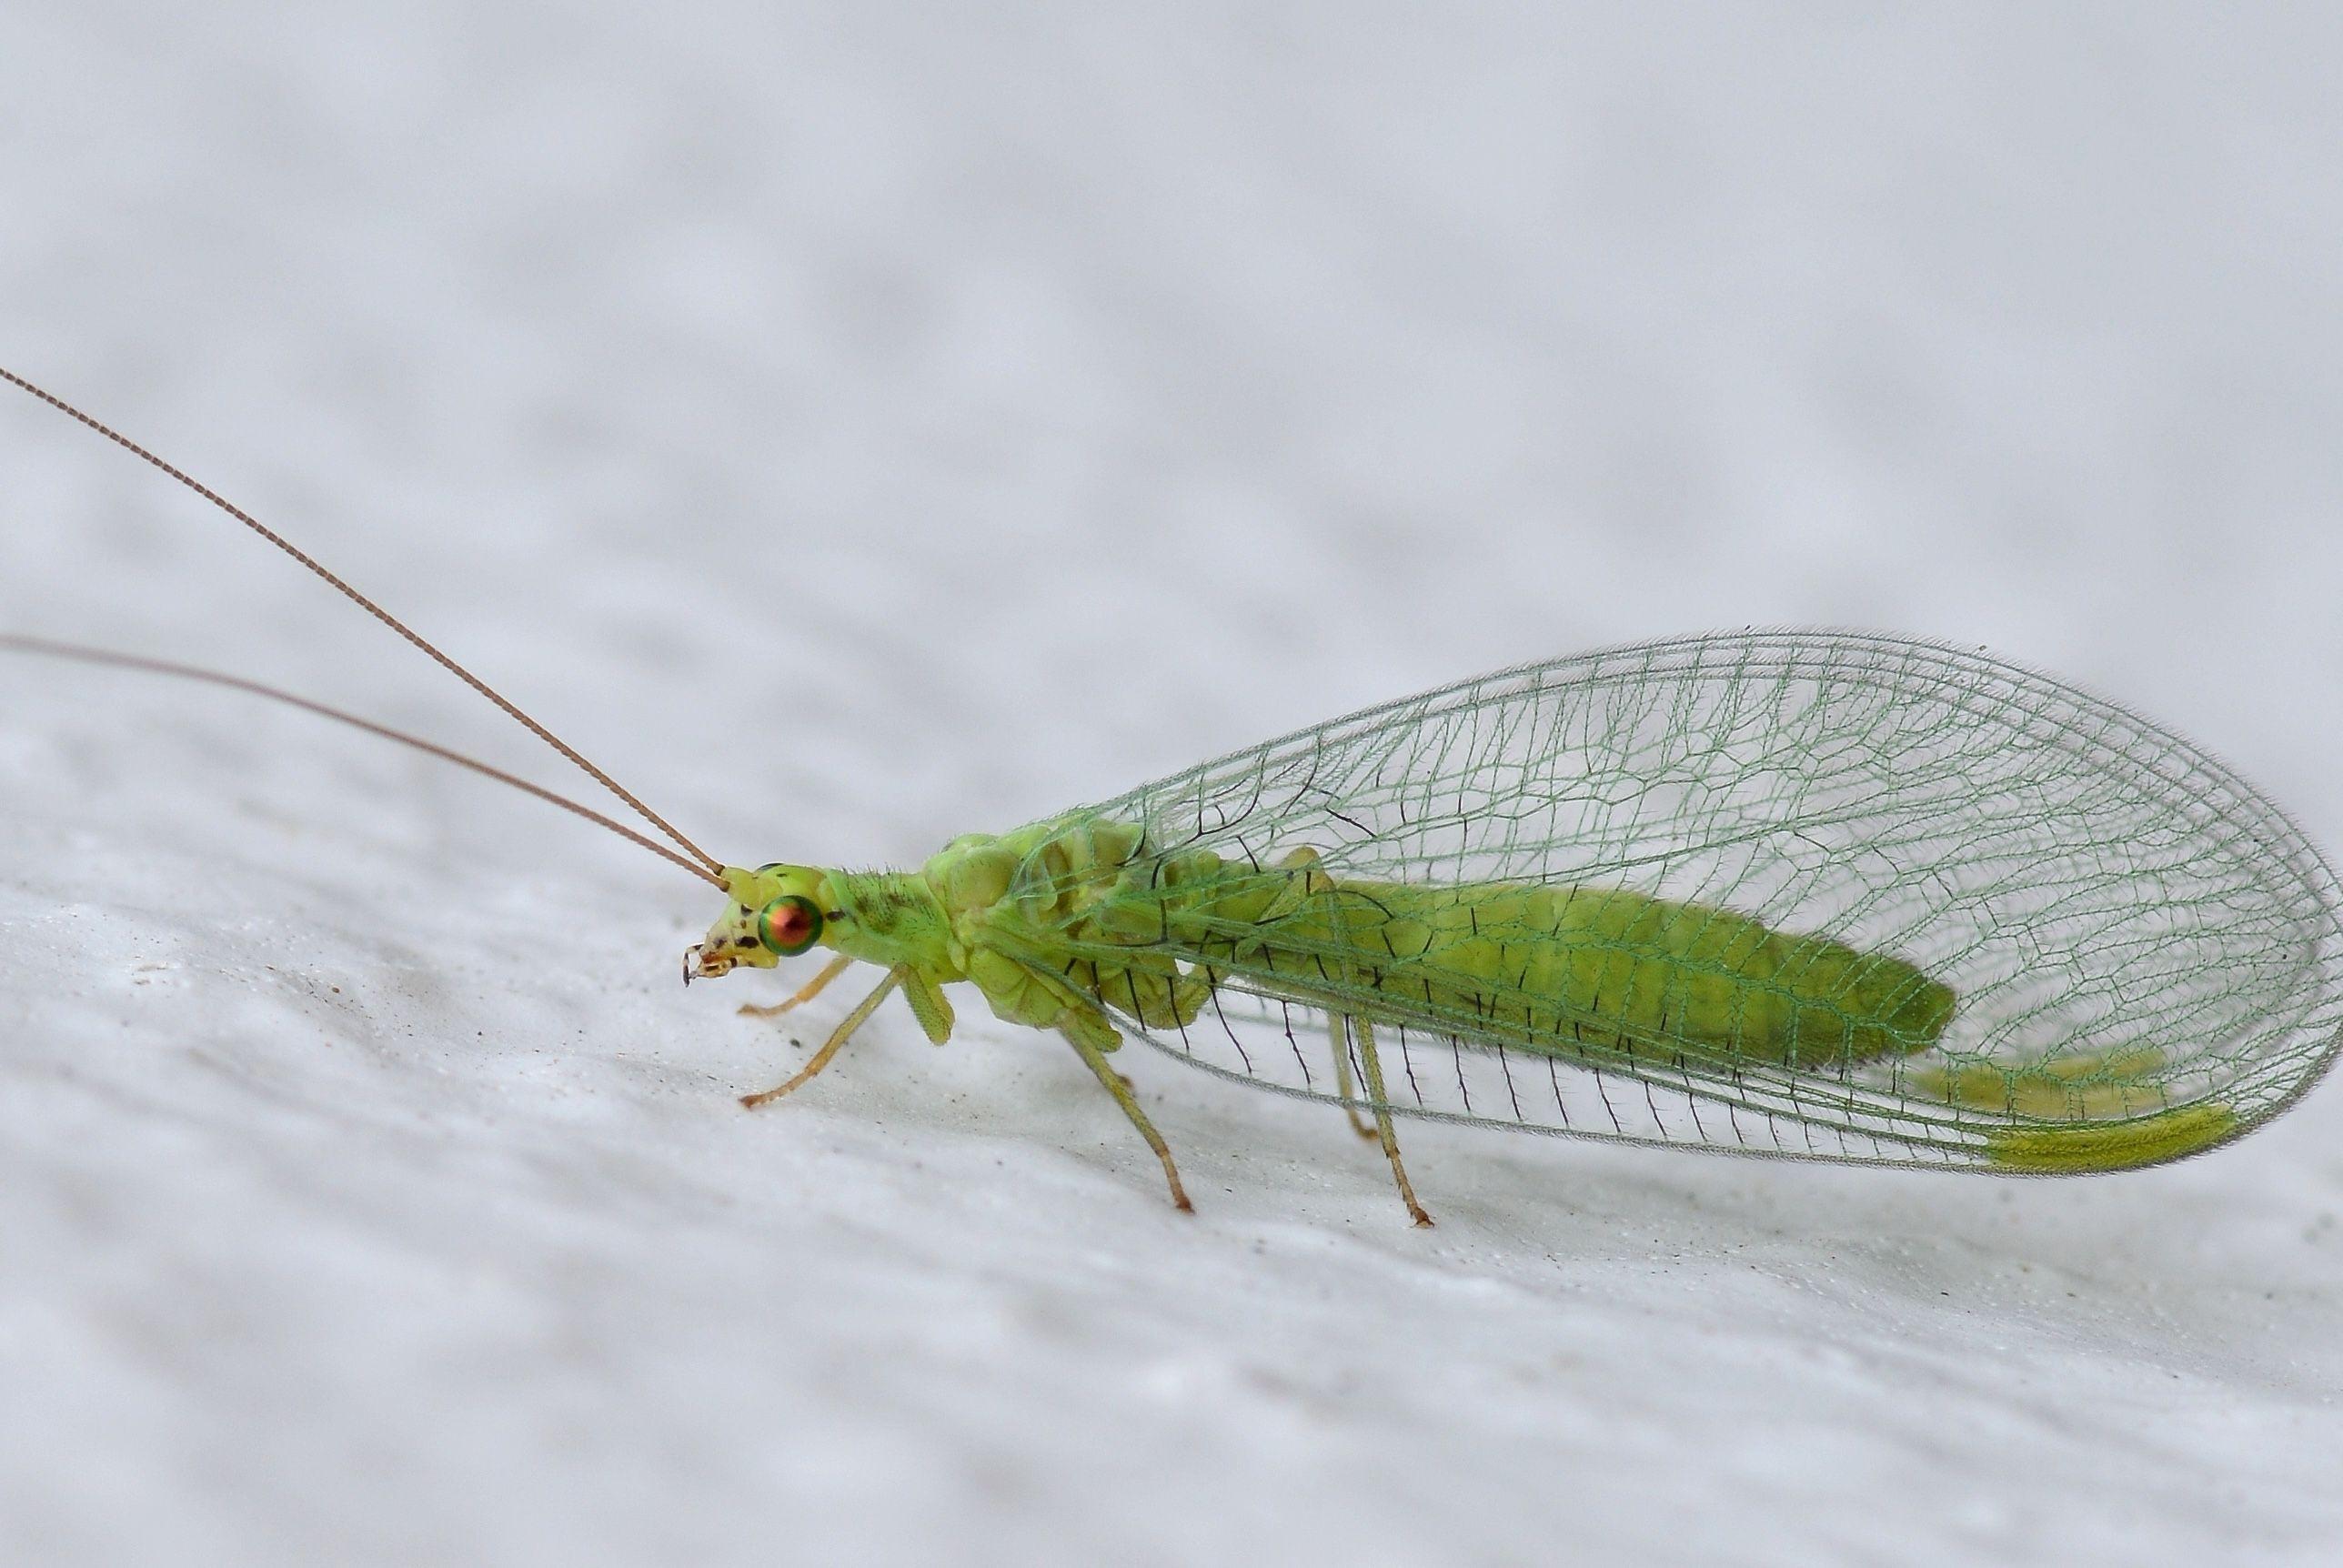 Палеонтологи описали насекомое, совершившее первый полет на земле